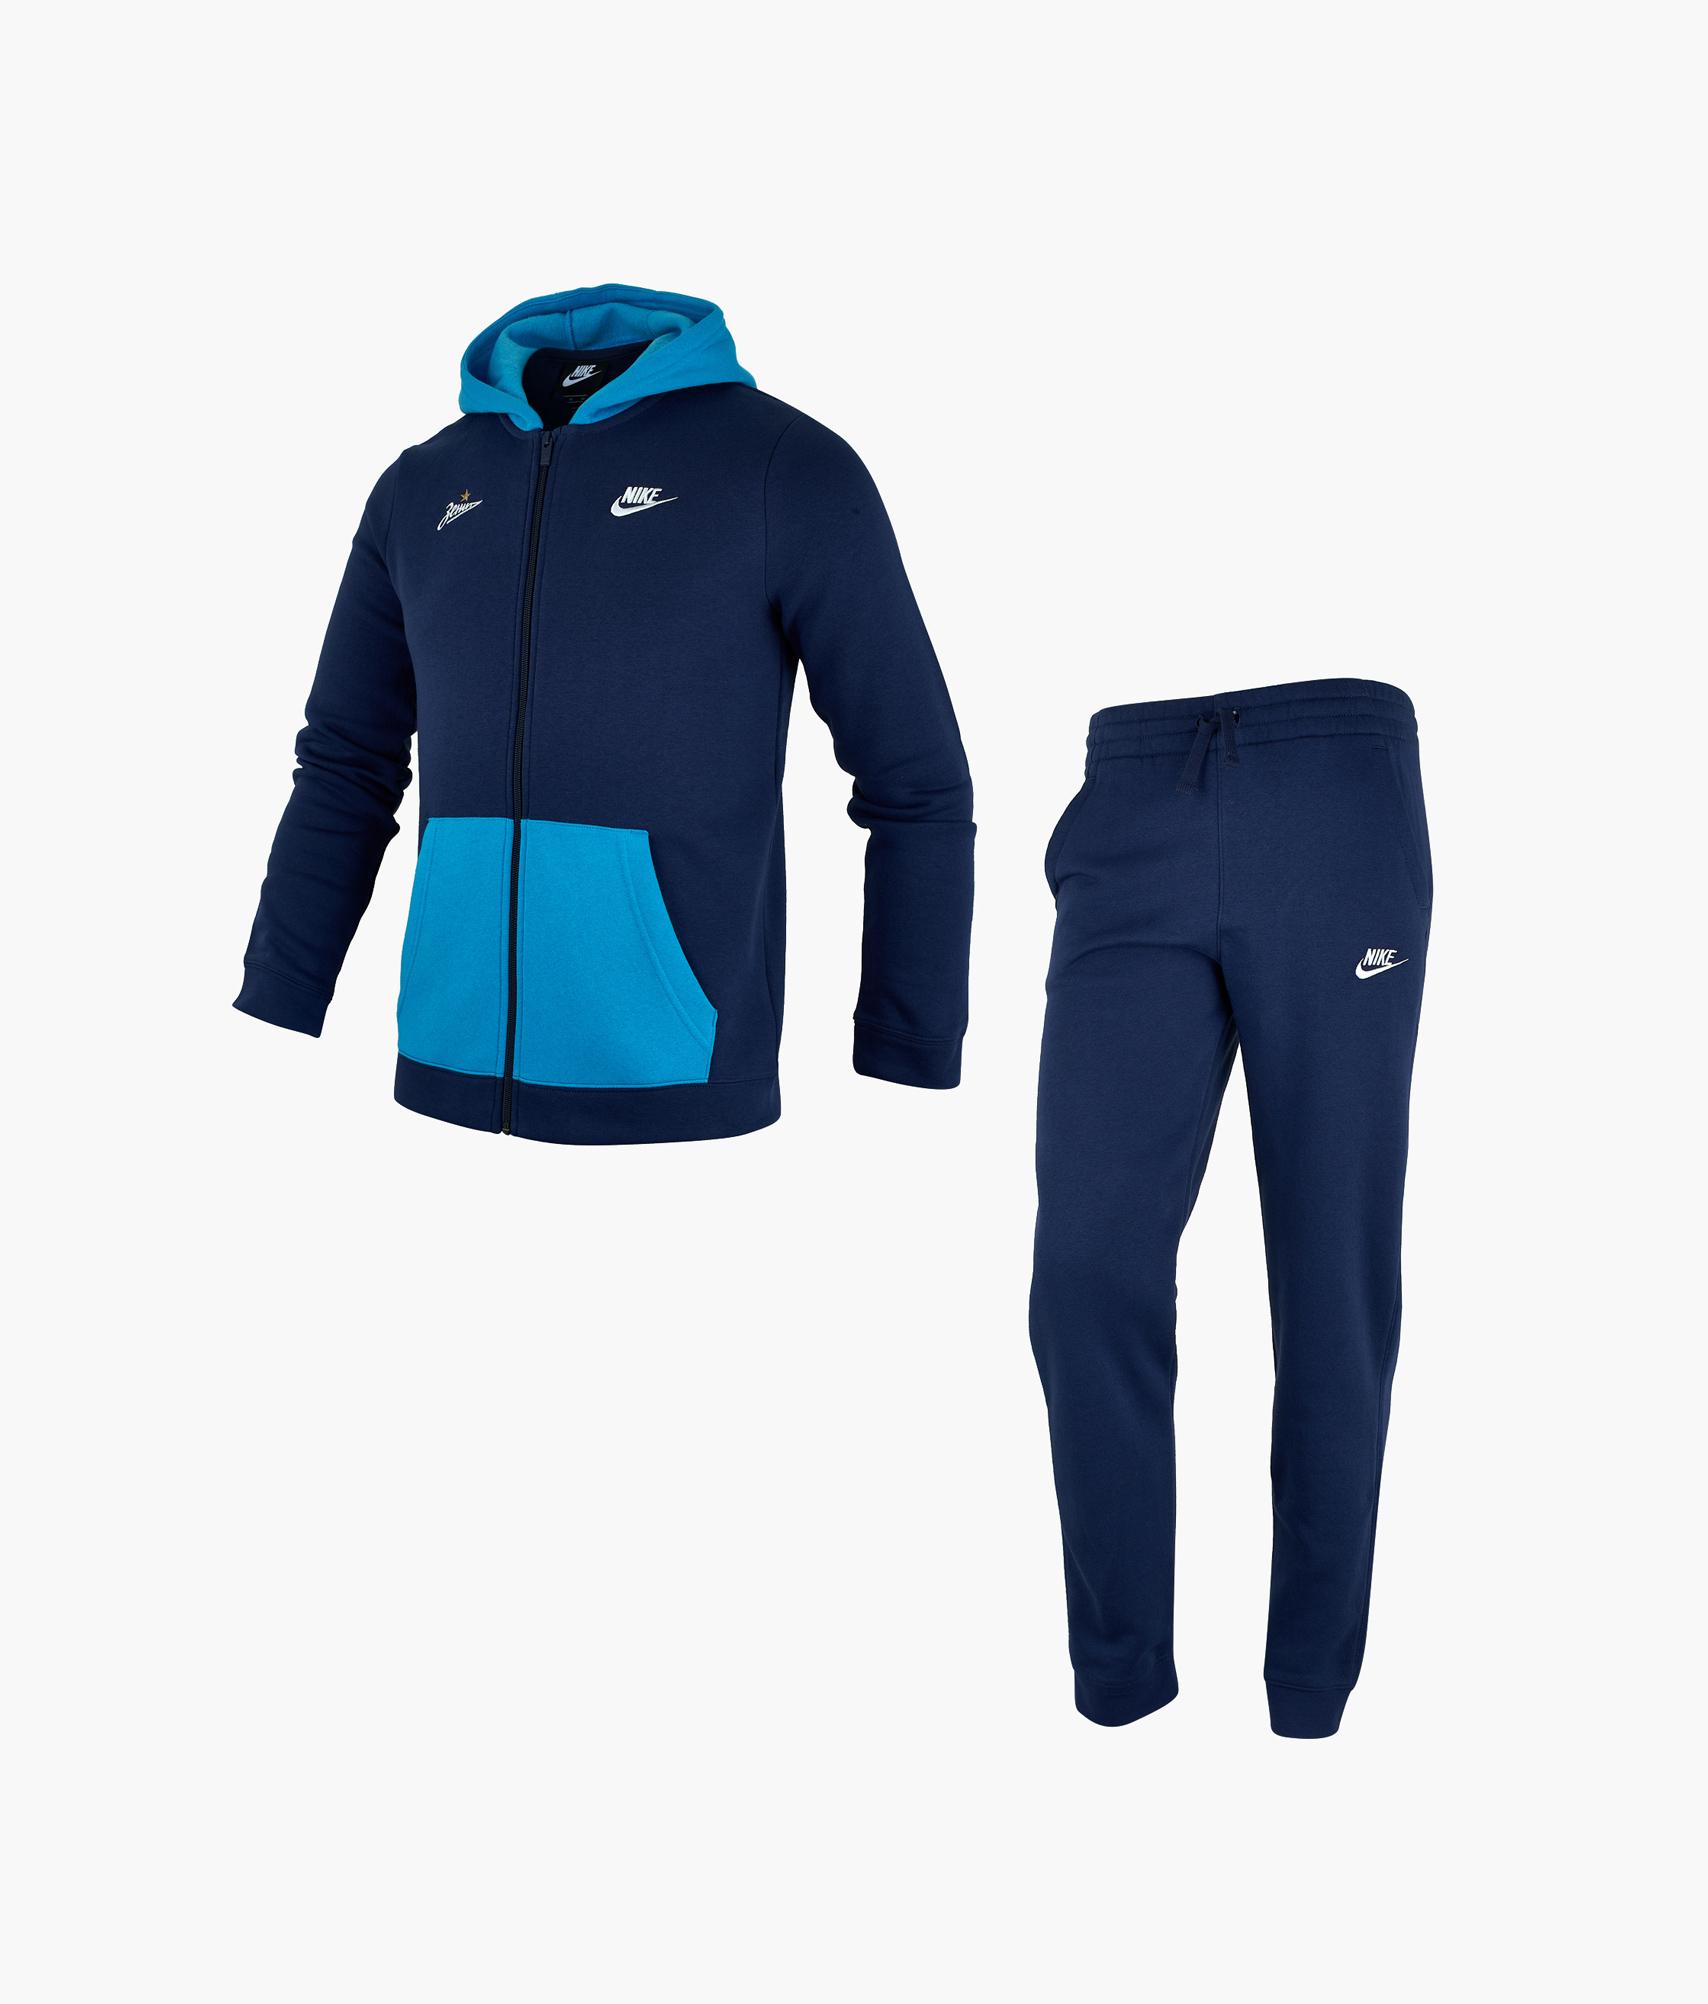 Костюм спортивный подростковый Nike Nike Цвет-темно-синий топ спортивный nike nike ni464ewhtts4